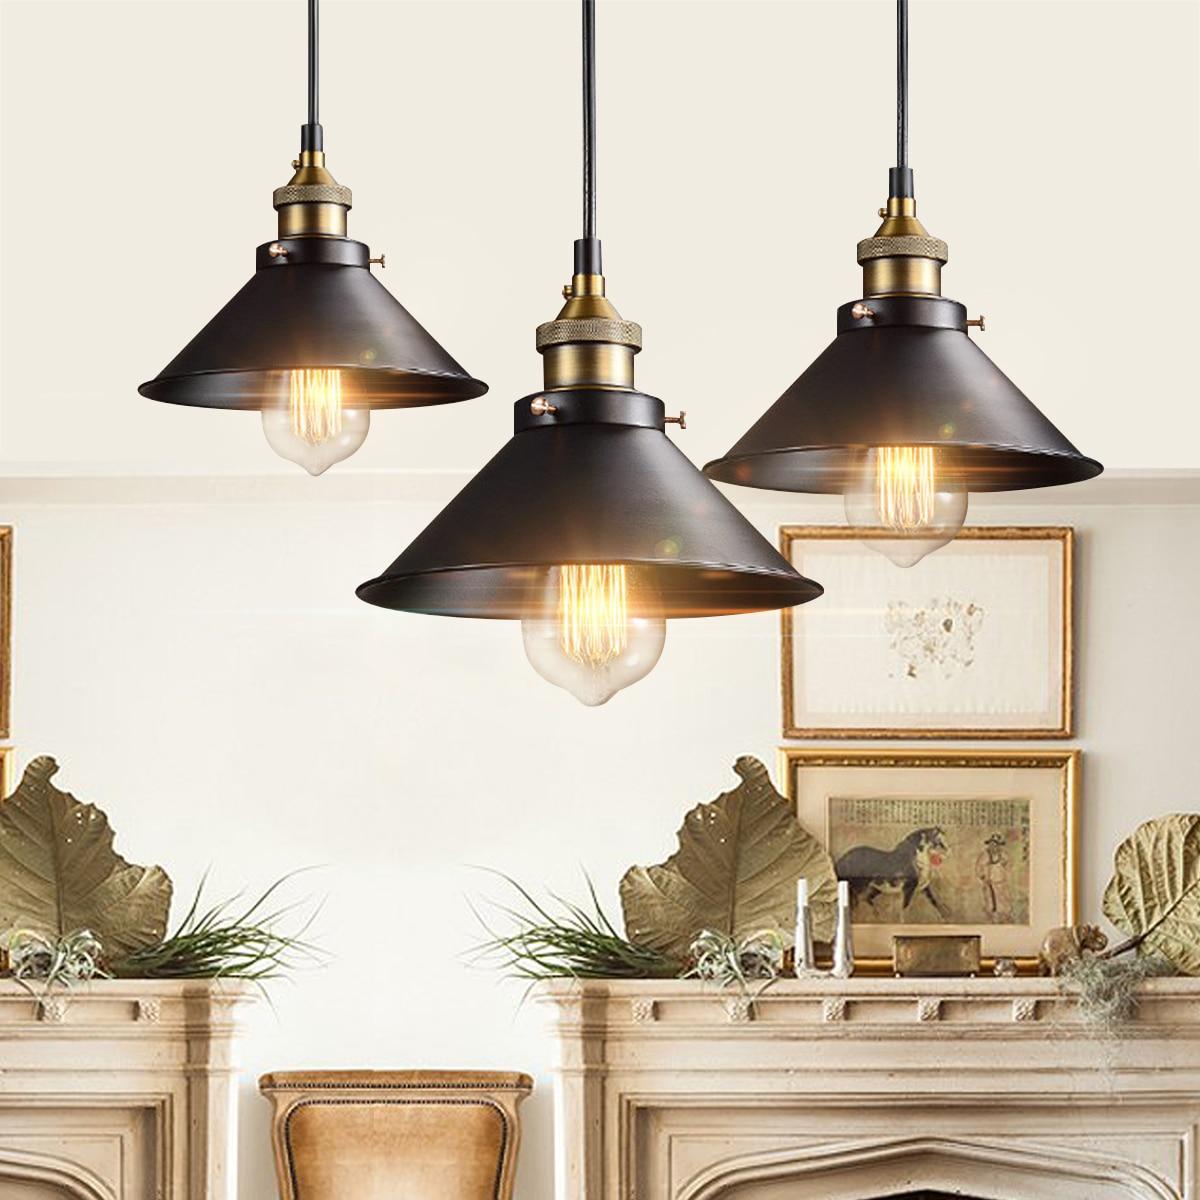 Rétro Lampe de Lumière Au Plafond Rond Vintage Design Industriel Fer Vintage Lumière Déco Ampoule Luminaire